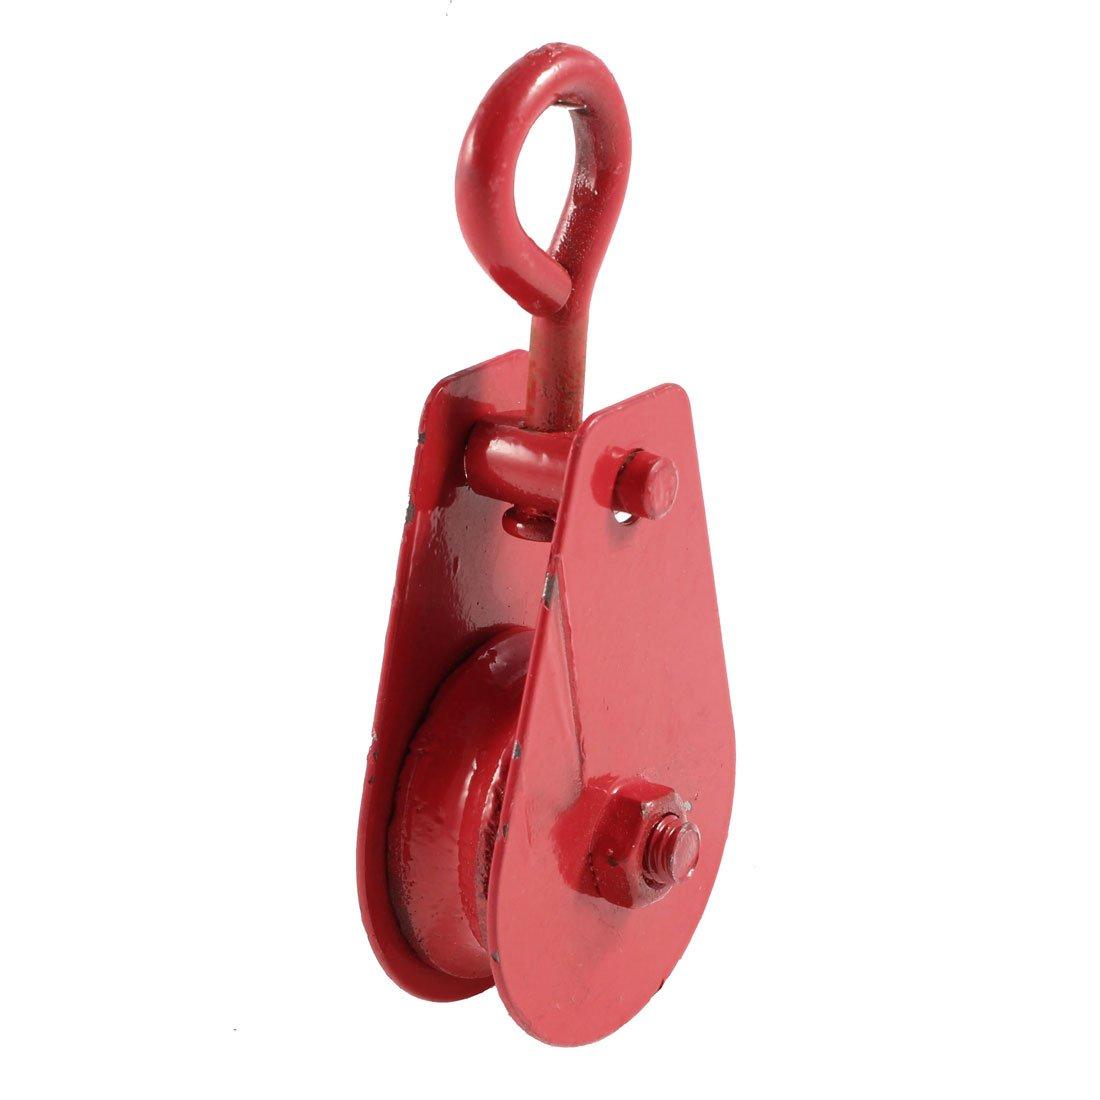 Sourcingmap - Rojo 40 mm de diá metro de la polea sola polea cuerda ojo giratorio tackle aparejo 0, 1 ton a13070400ux0083